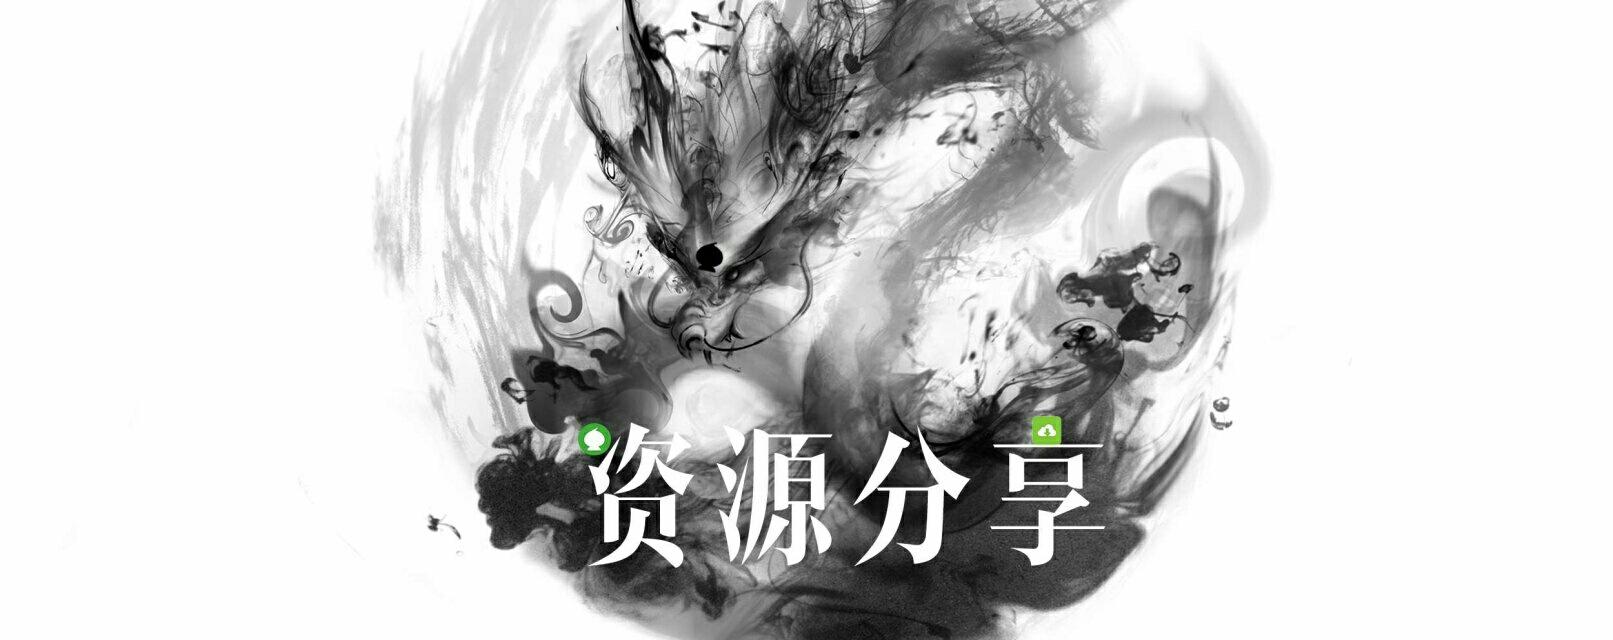 【资源分享】爱剪辑-爱小助